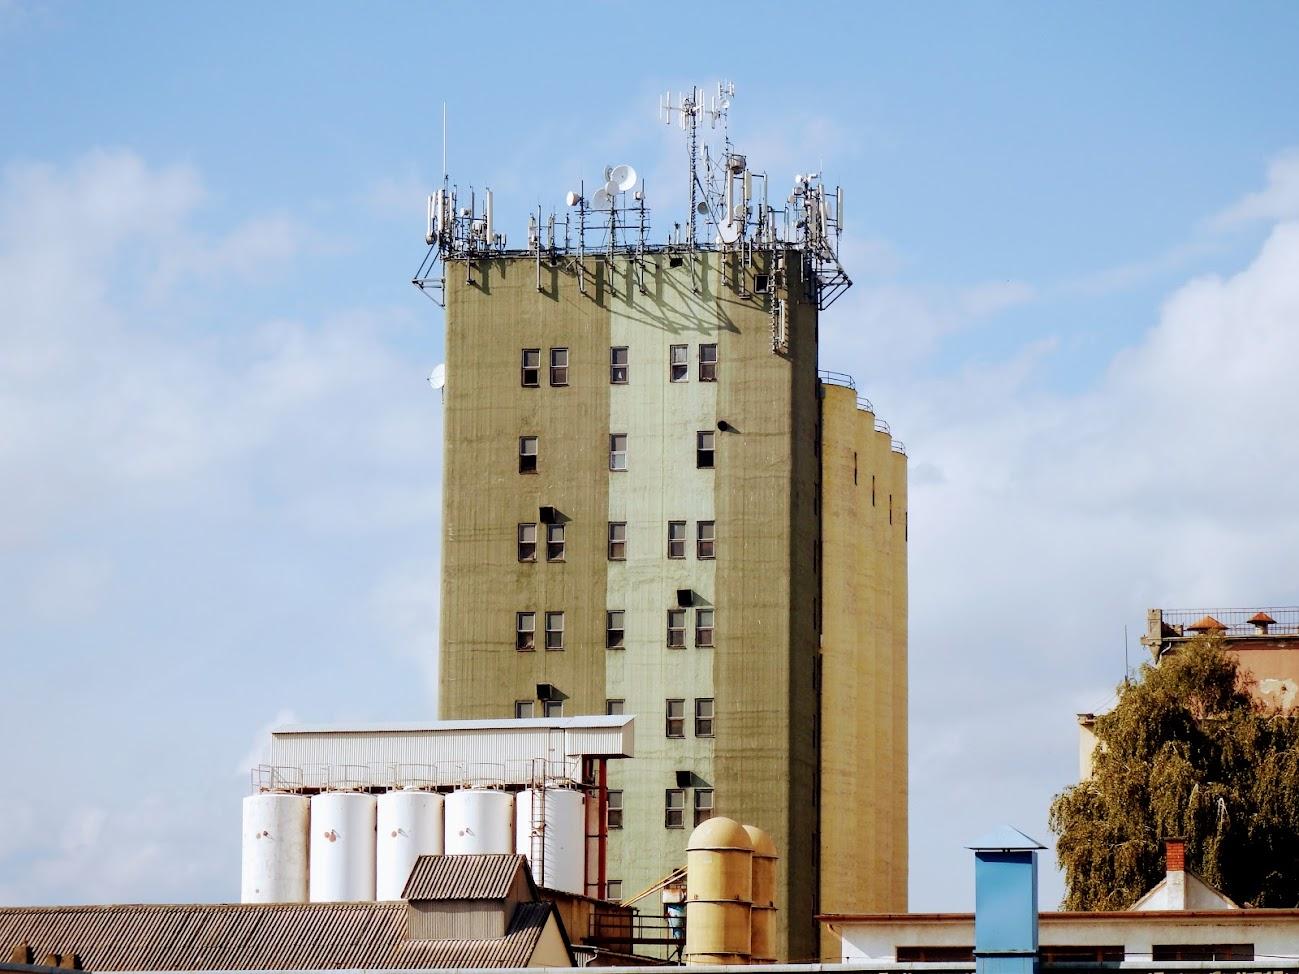 Szombathely/gabonatároló - helyi URH-FM adóállomás